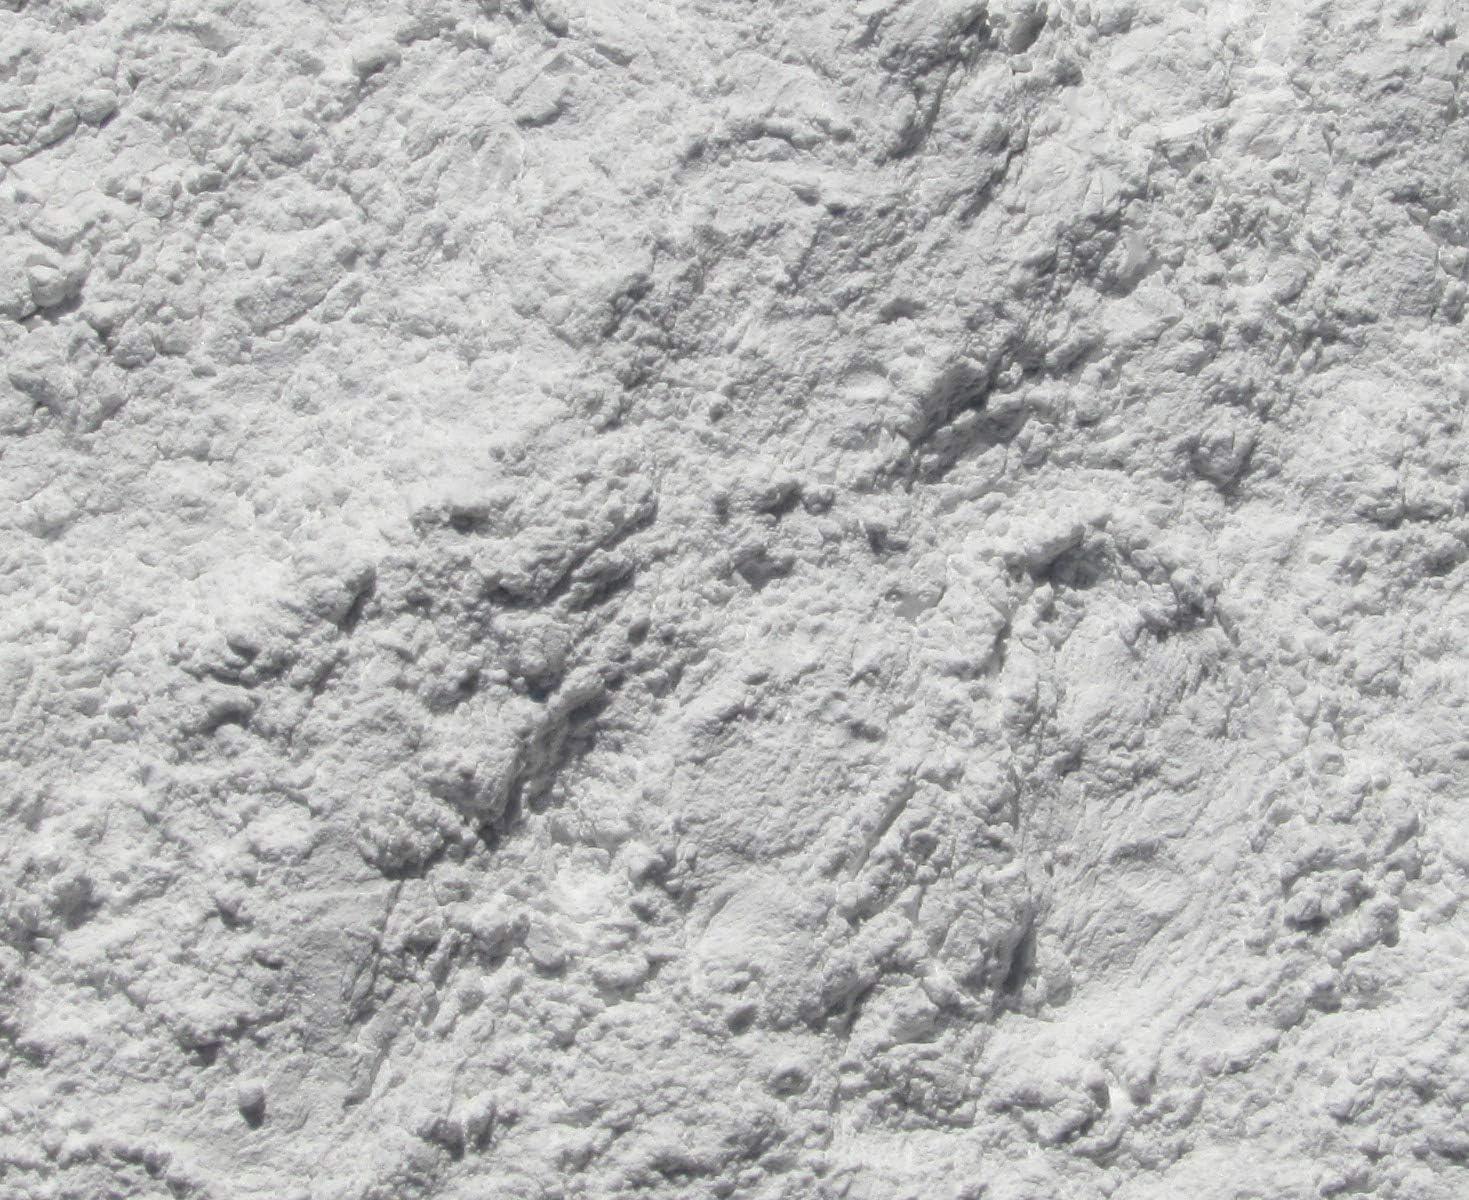 1200 Grit Final Polish Aluminium Oxide Rotary Vibratory Rock Tumbler Tumbling Polishing Powder Abrasive Grit 4 Lb